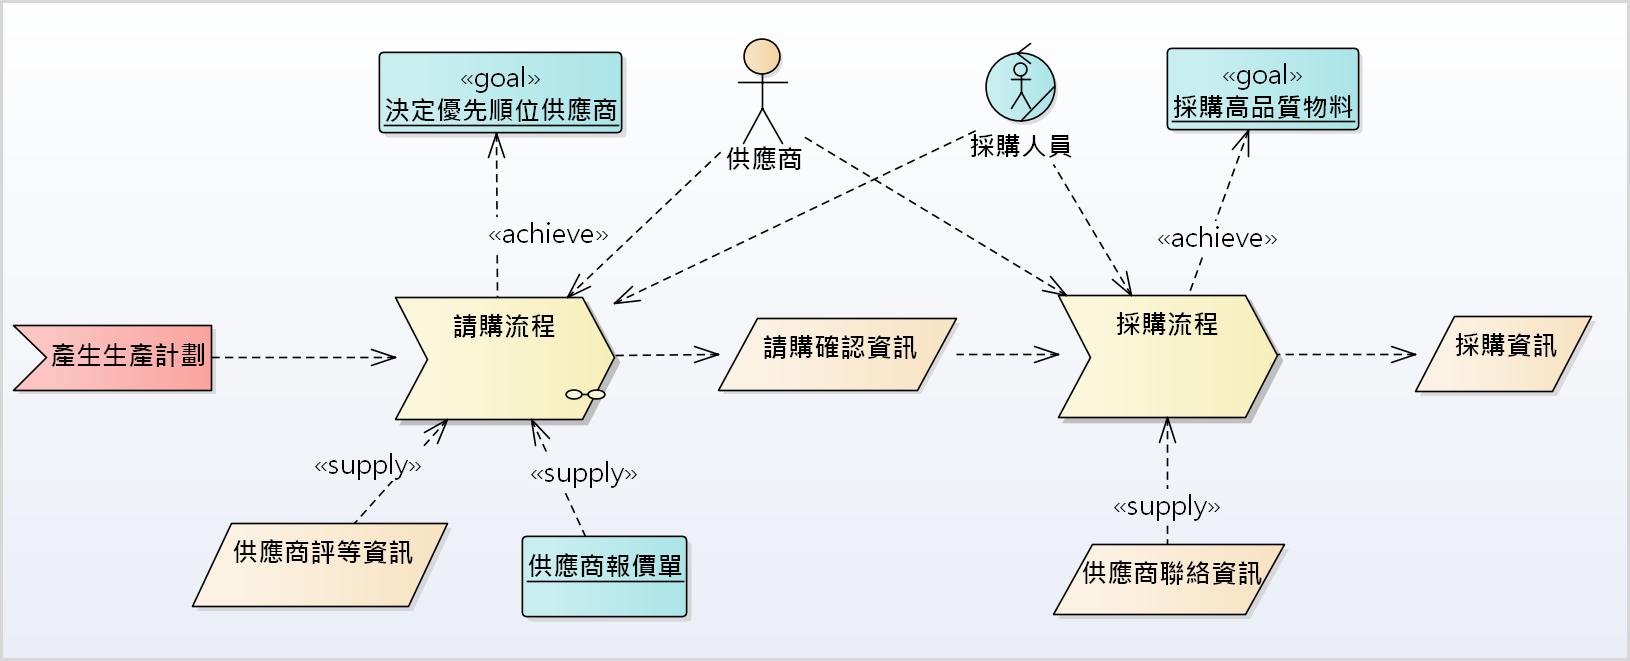 「軟體需求分析與塑模」- UML 應用於需求分析的技術